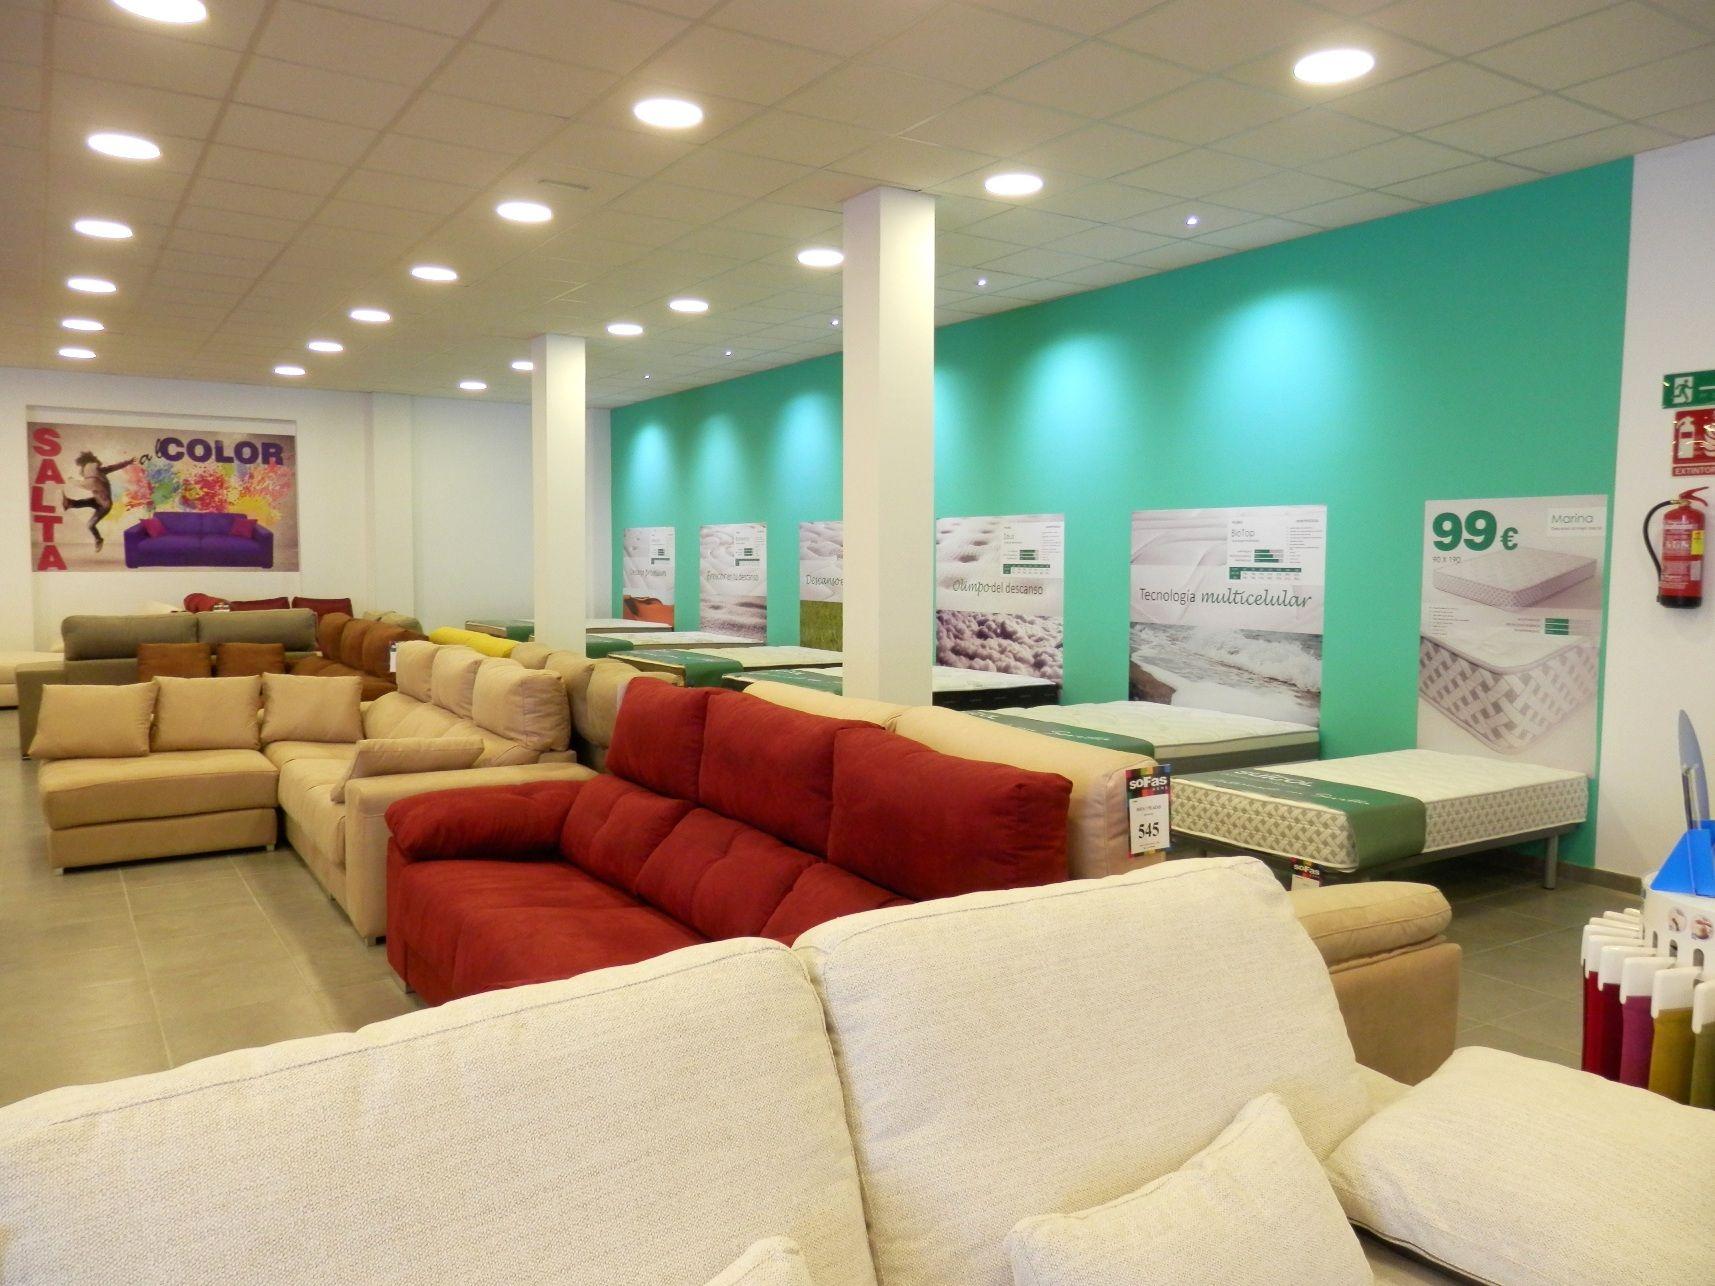 Pin de l 39 image marketing en sofas home sevilla agencia - Diseno interiores sevilla ...